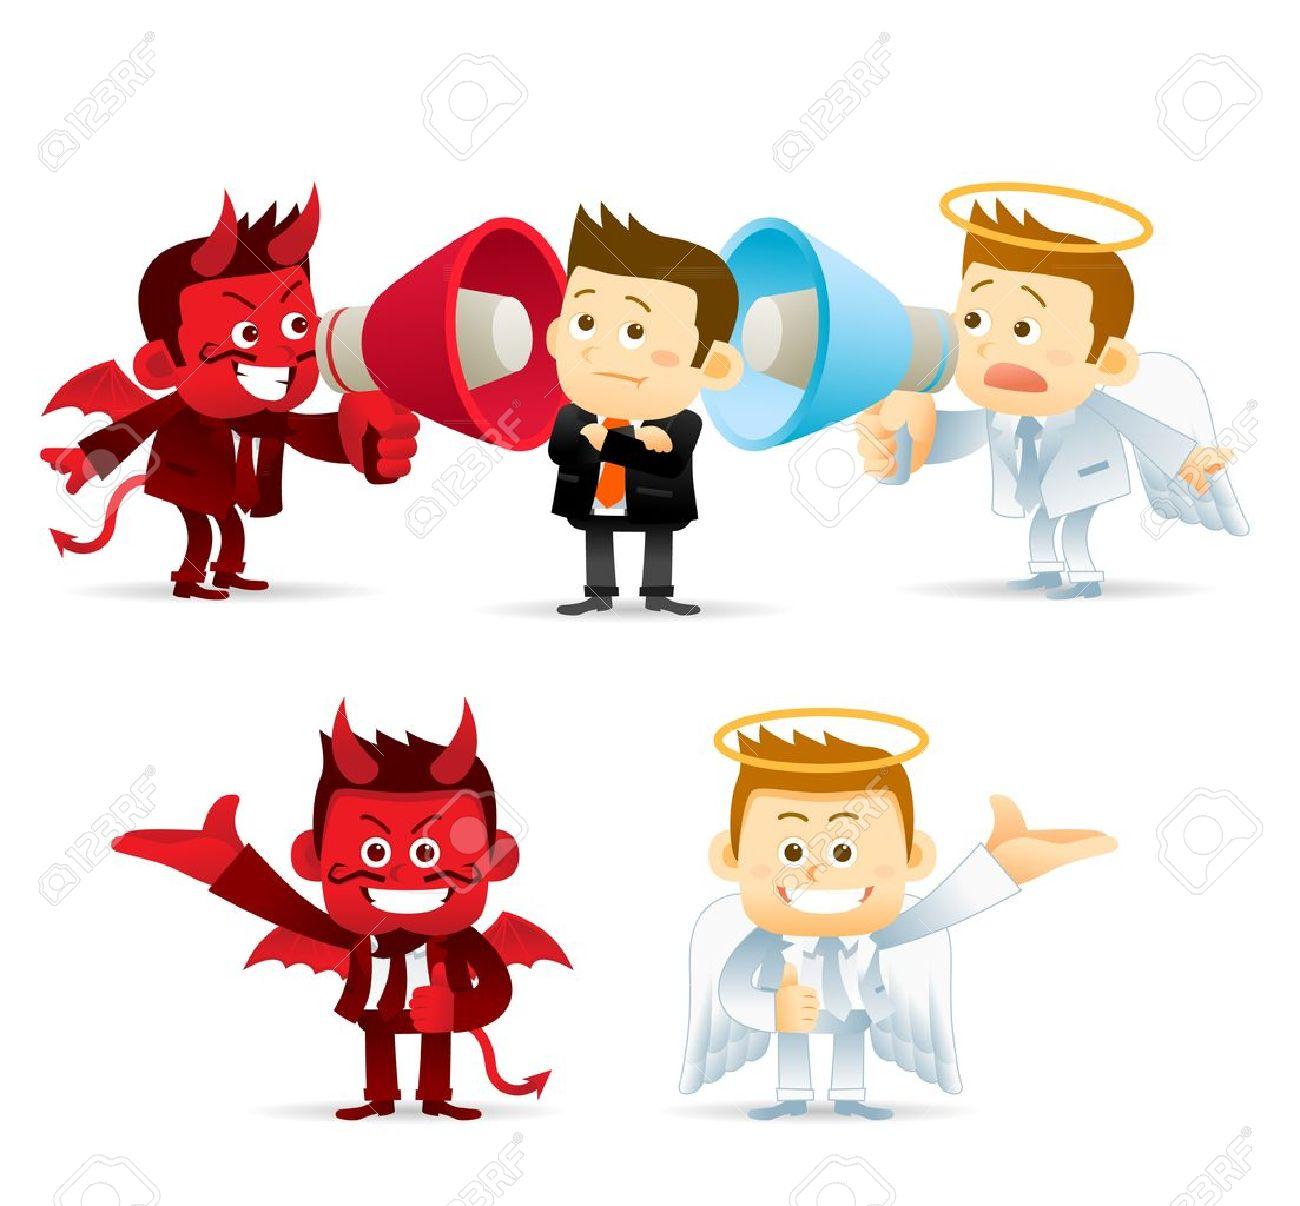 ビジネス天使悪魔のイラスト素材ベクタ Image 17691127